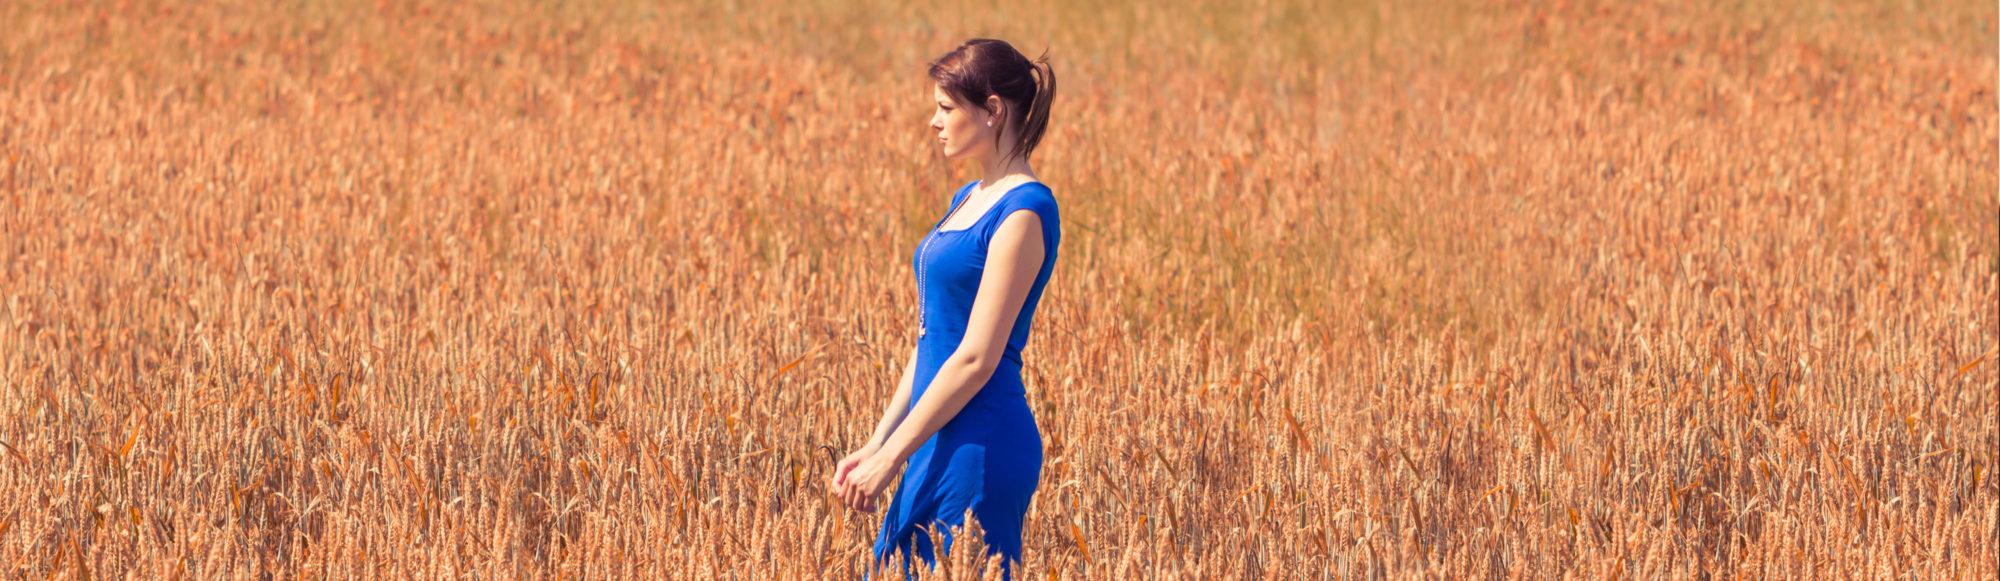 nainenpelto